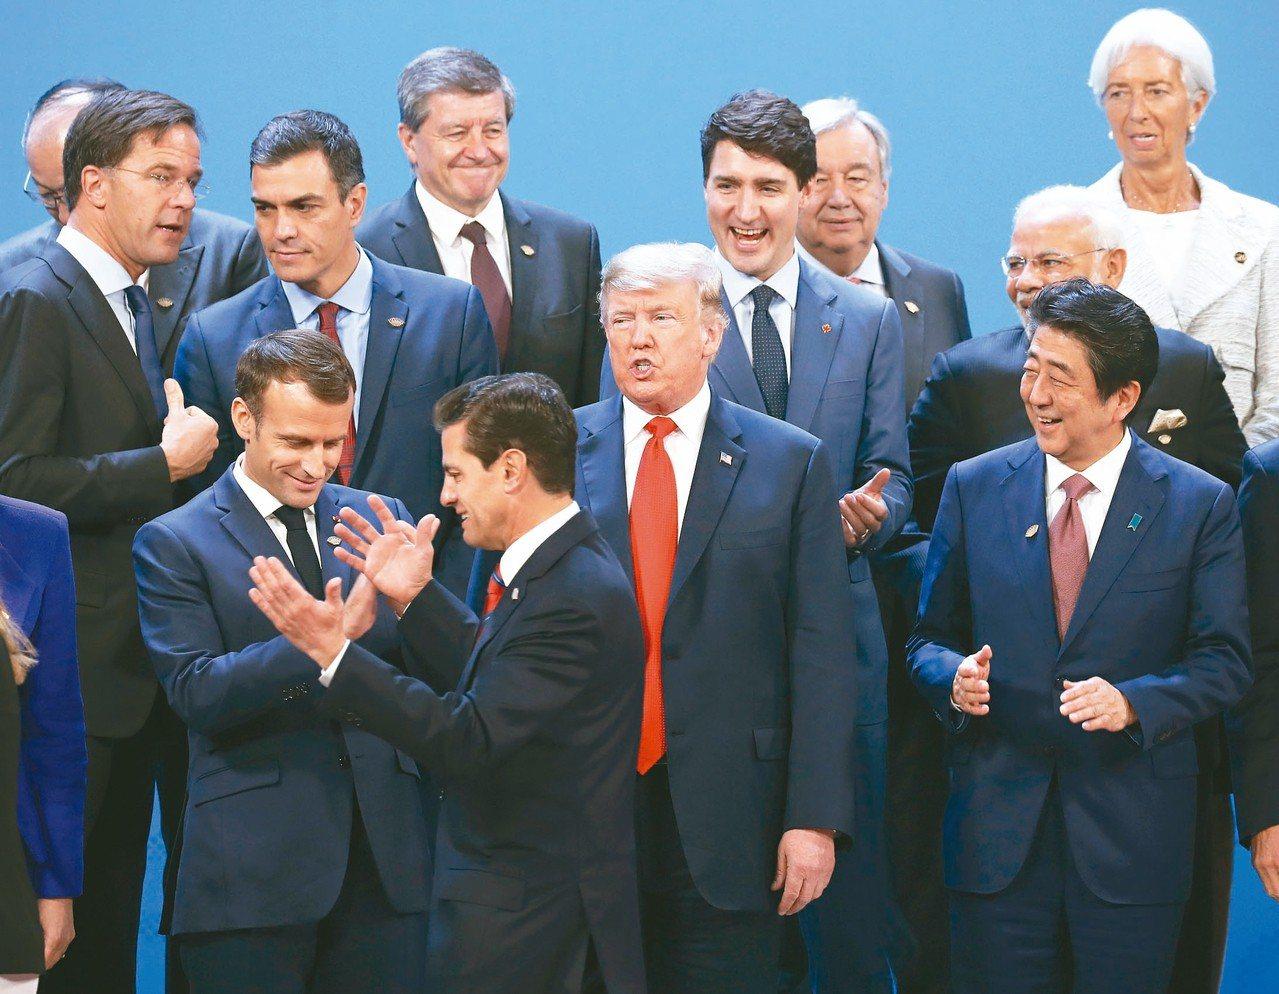 G20阿根廷峰會十一月卅日開幕前,各國領袖合照,即將卸任的墨西哥總統貝尼亞尼耶多...